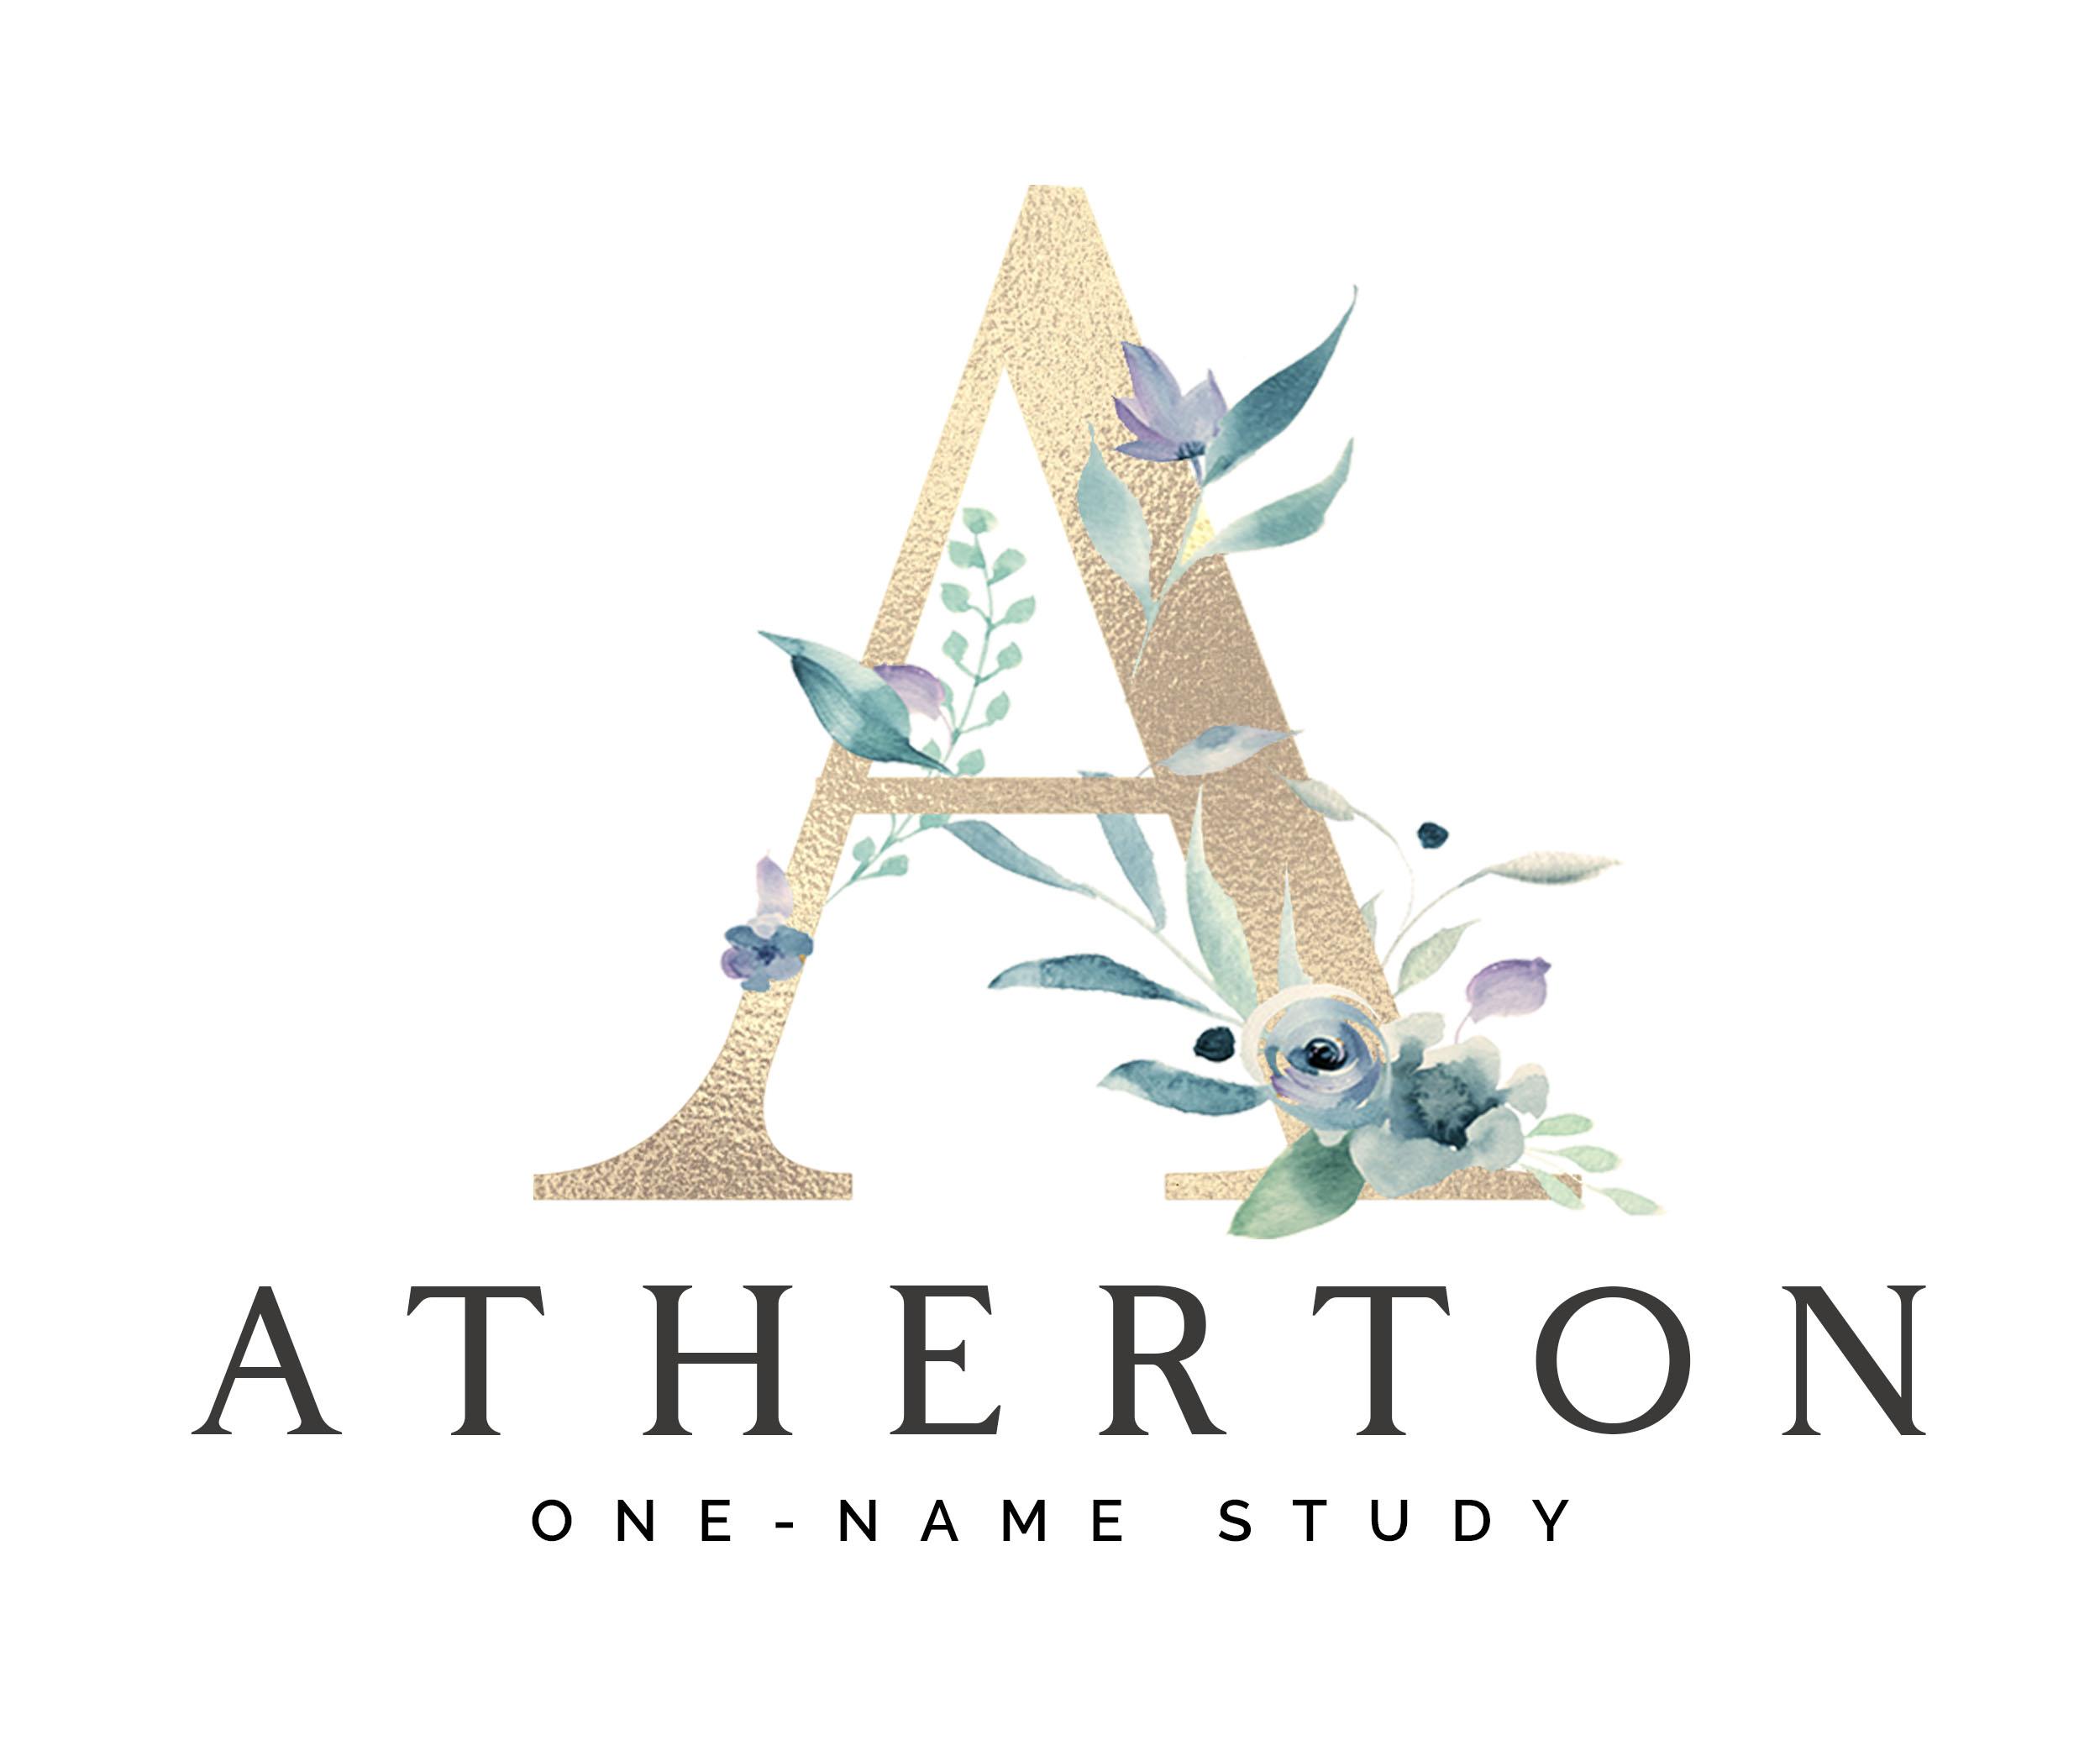 Atherton One-Name Study